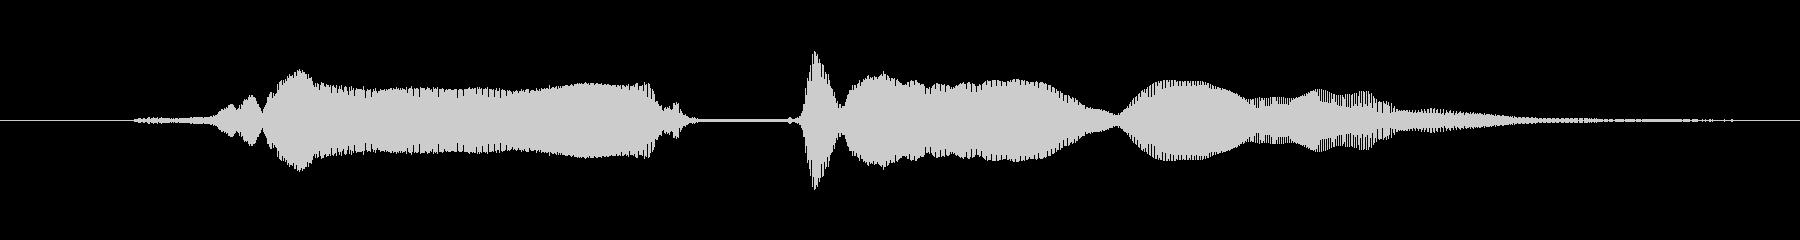 鳴き声 興奮女性03 03湖の未再生の波形